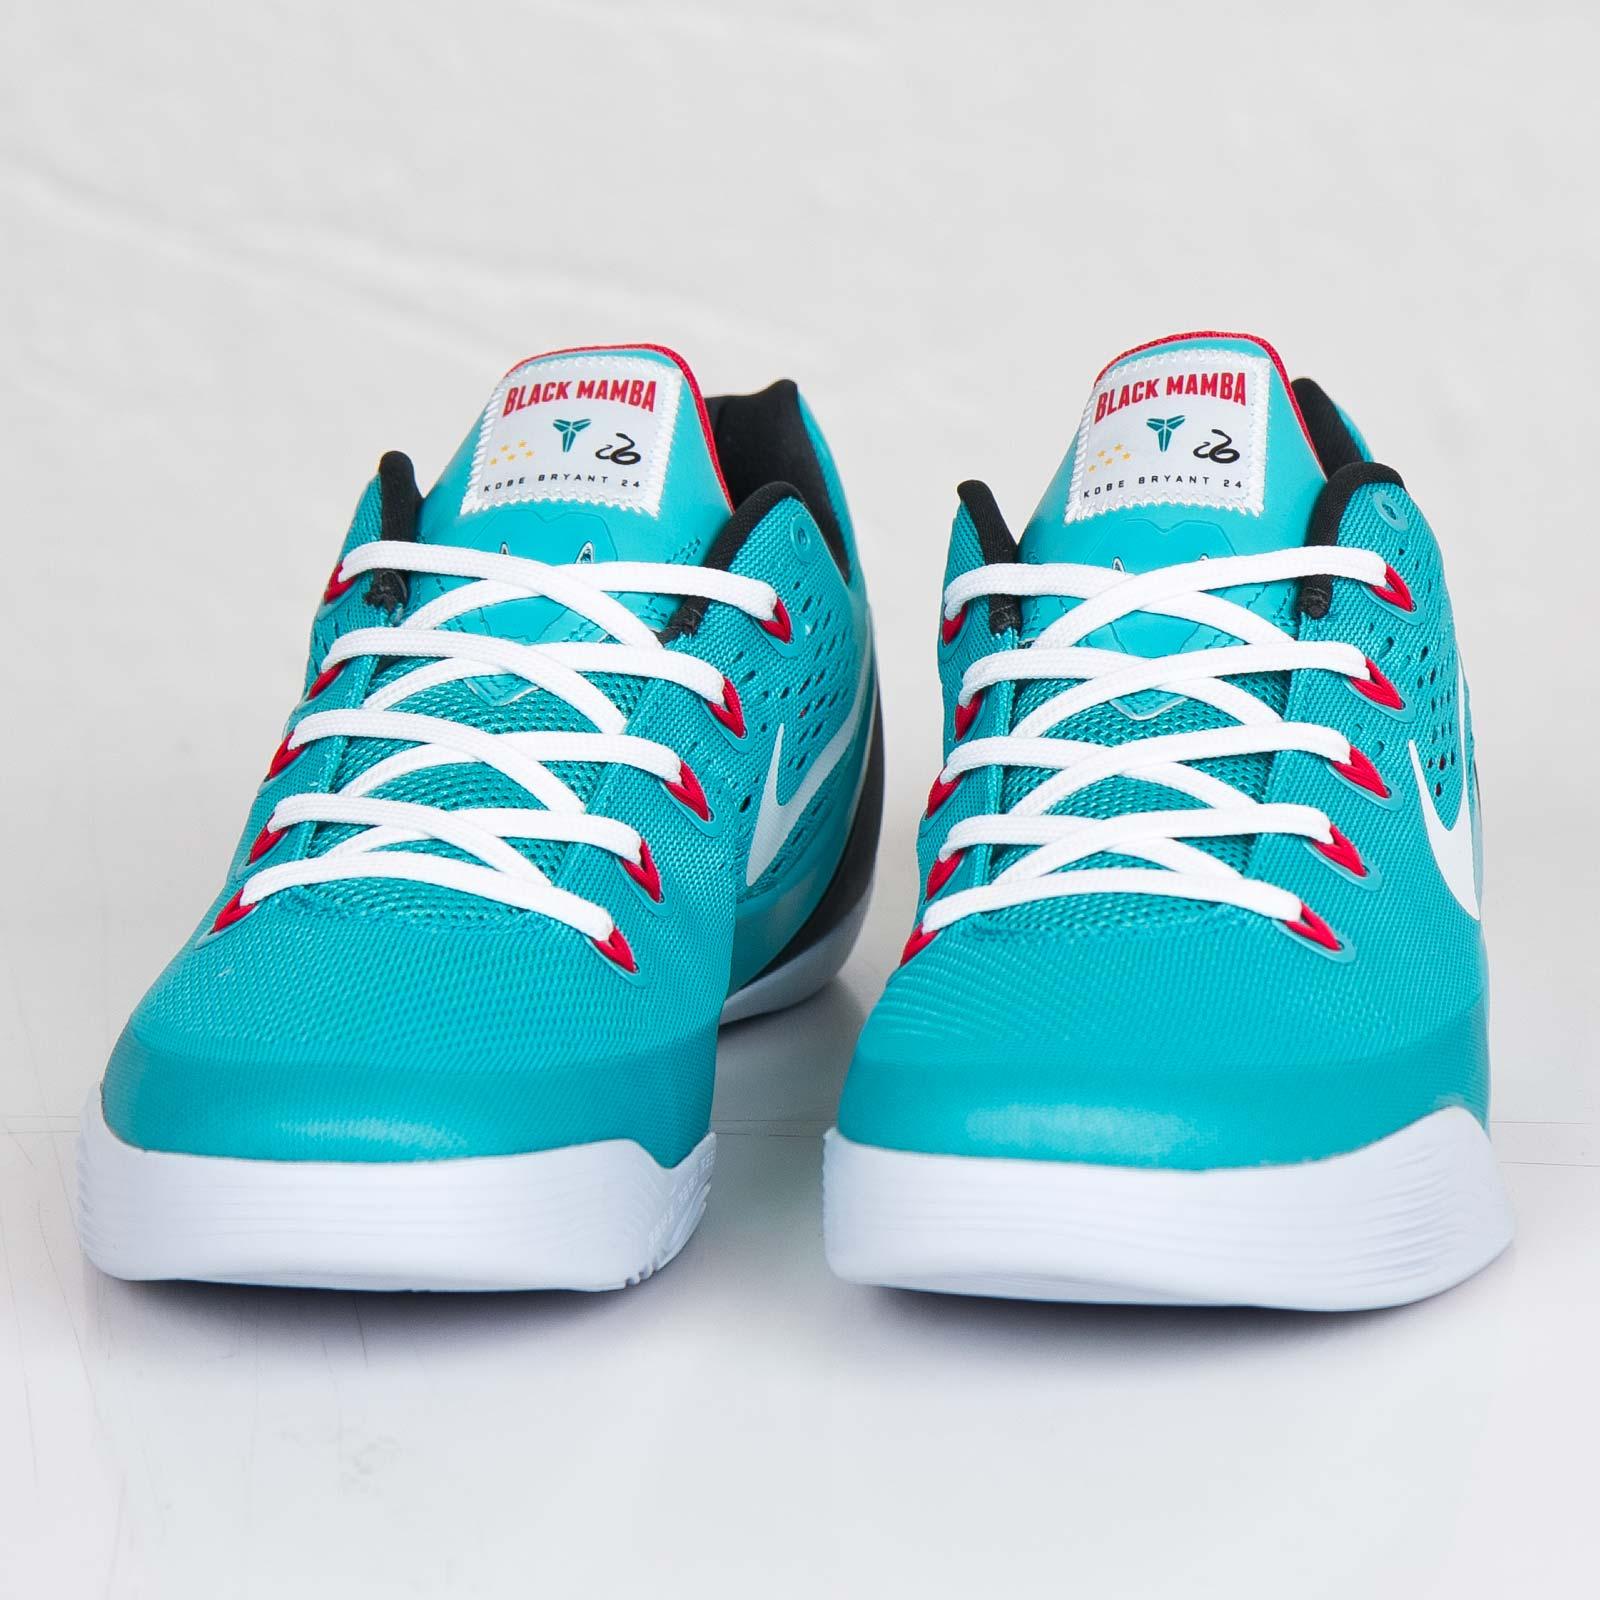 newest d0480 5bf86 Nike Kobe IX - 646701-316 - Sneakersnstuff   sneakers   streetwear online  since 1999